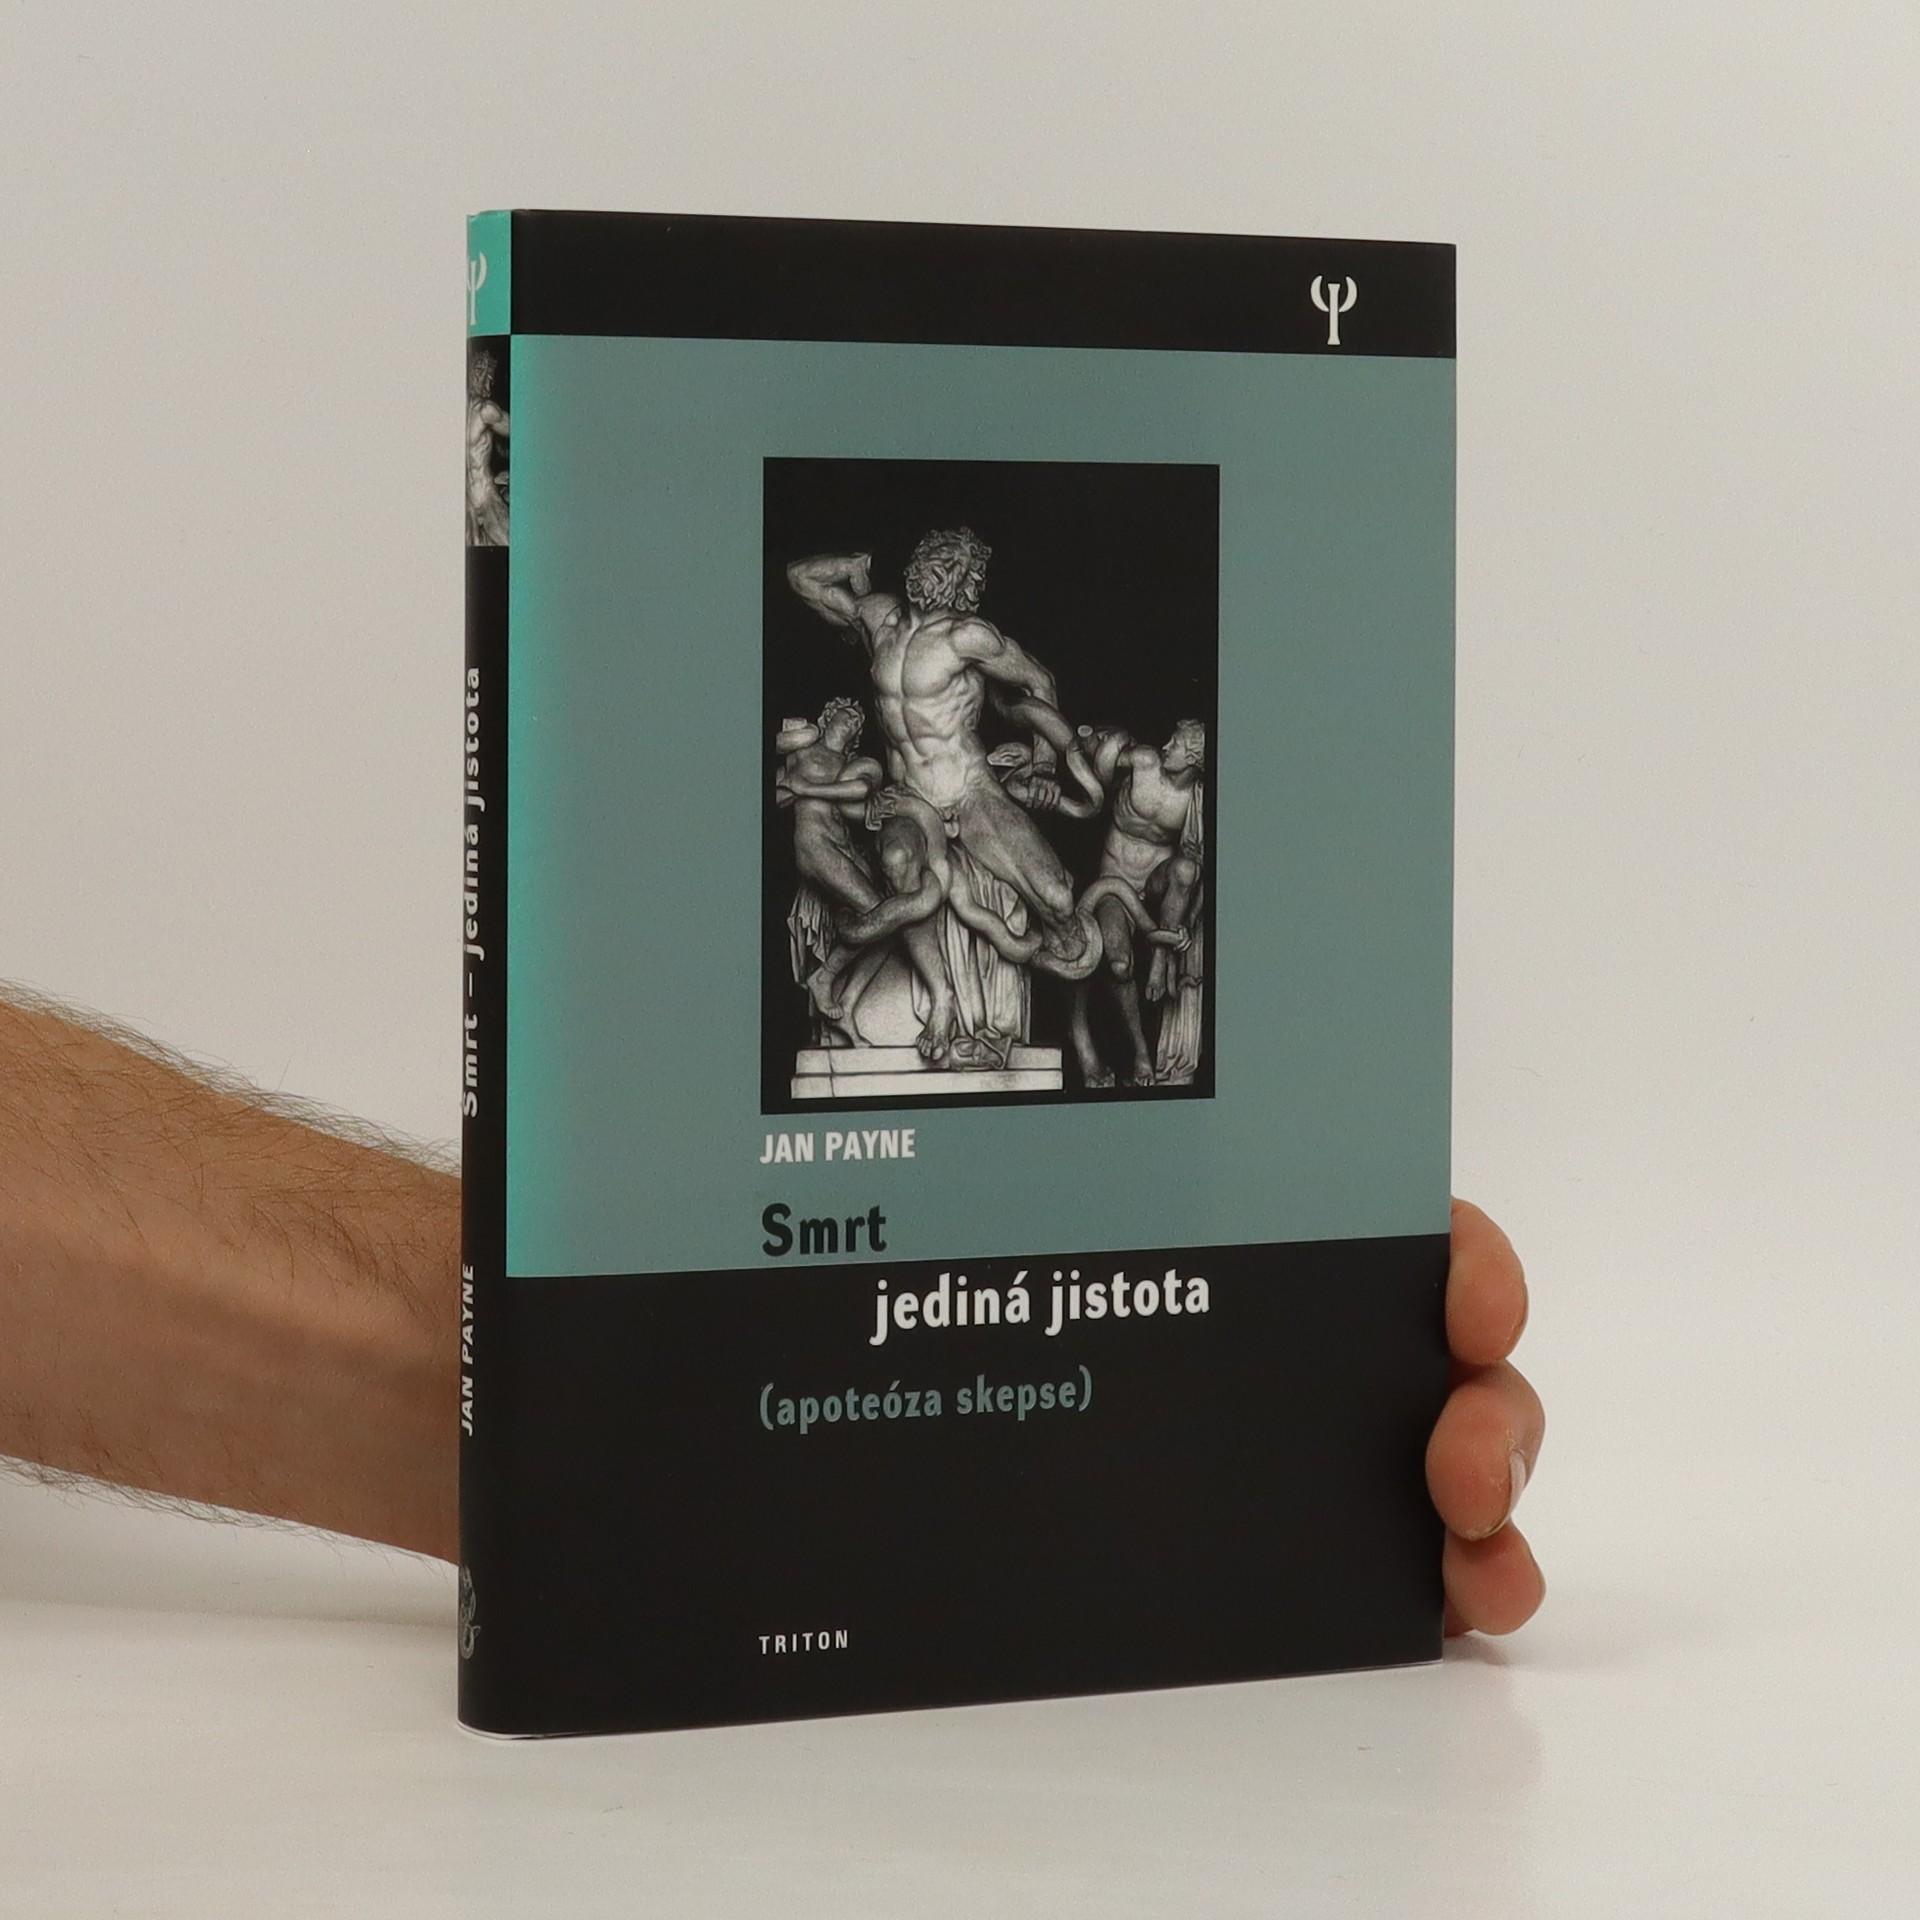 antikvární kniha Smrt : jediná jistota : (apoteóza skepse), 2008